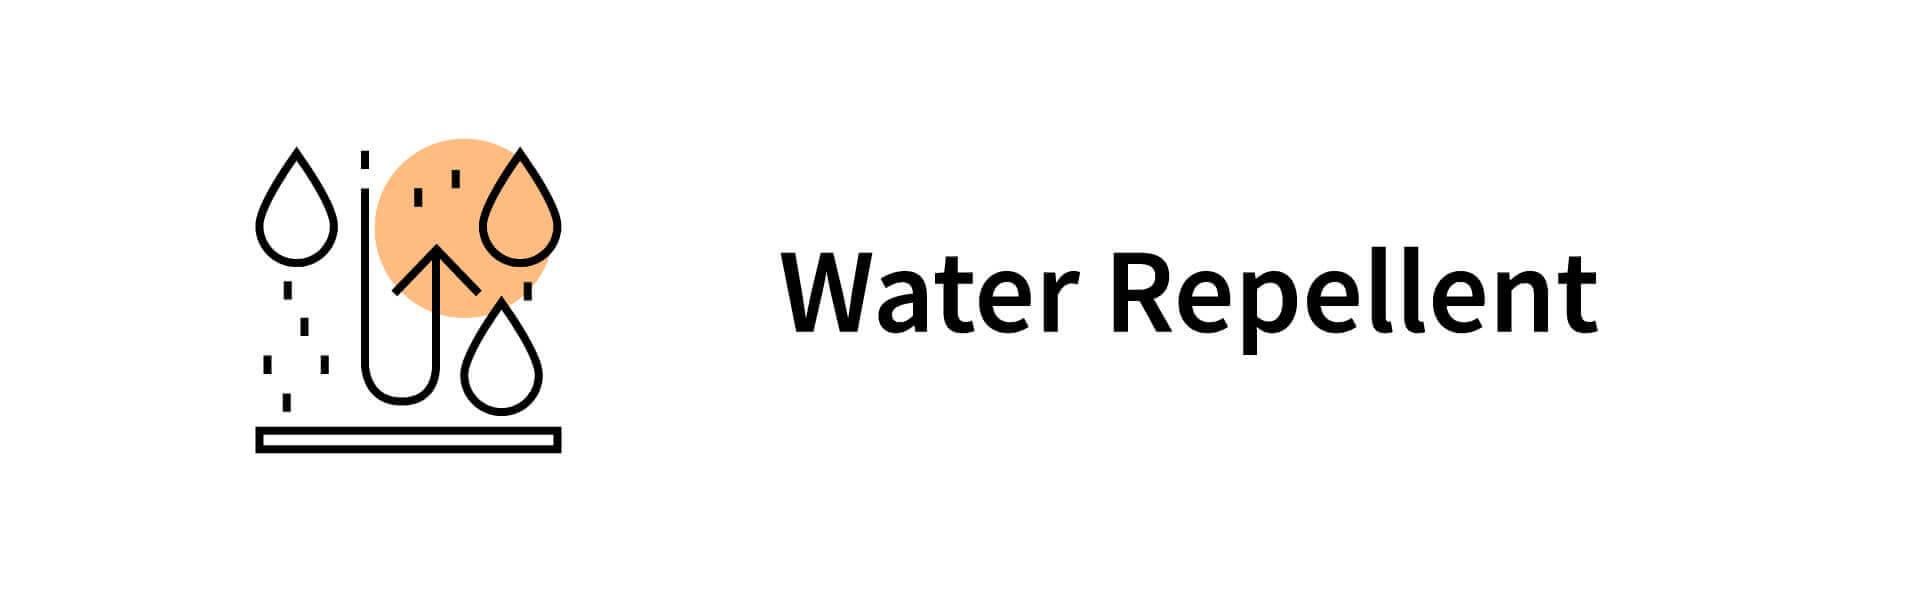 water-repellent